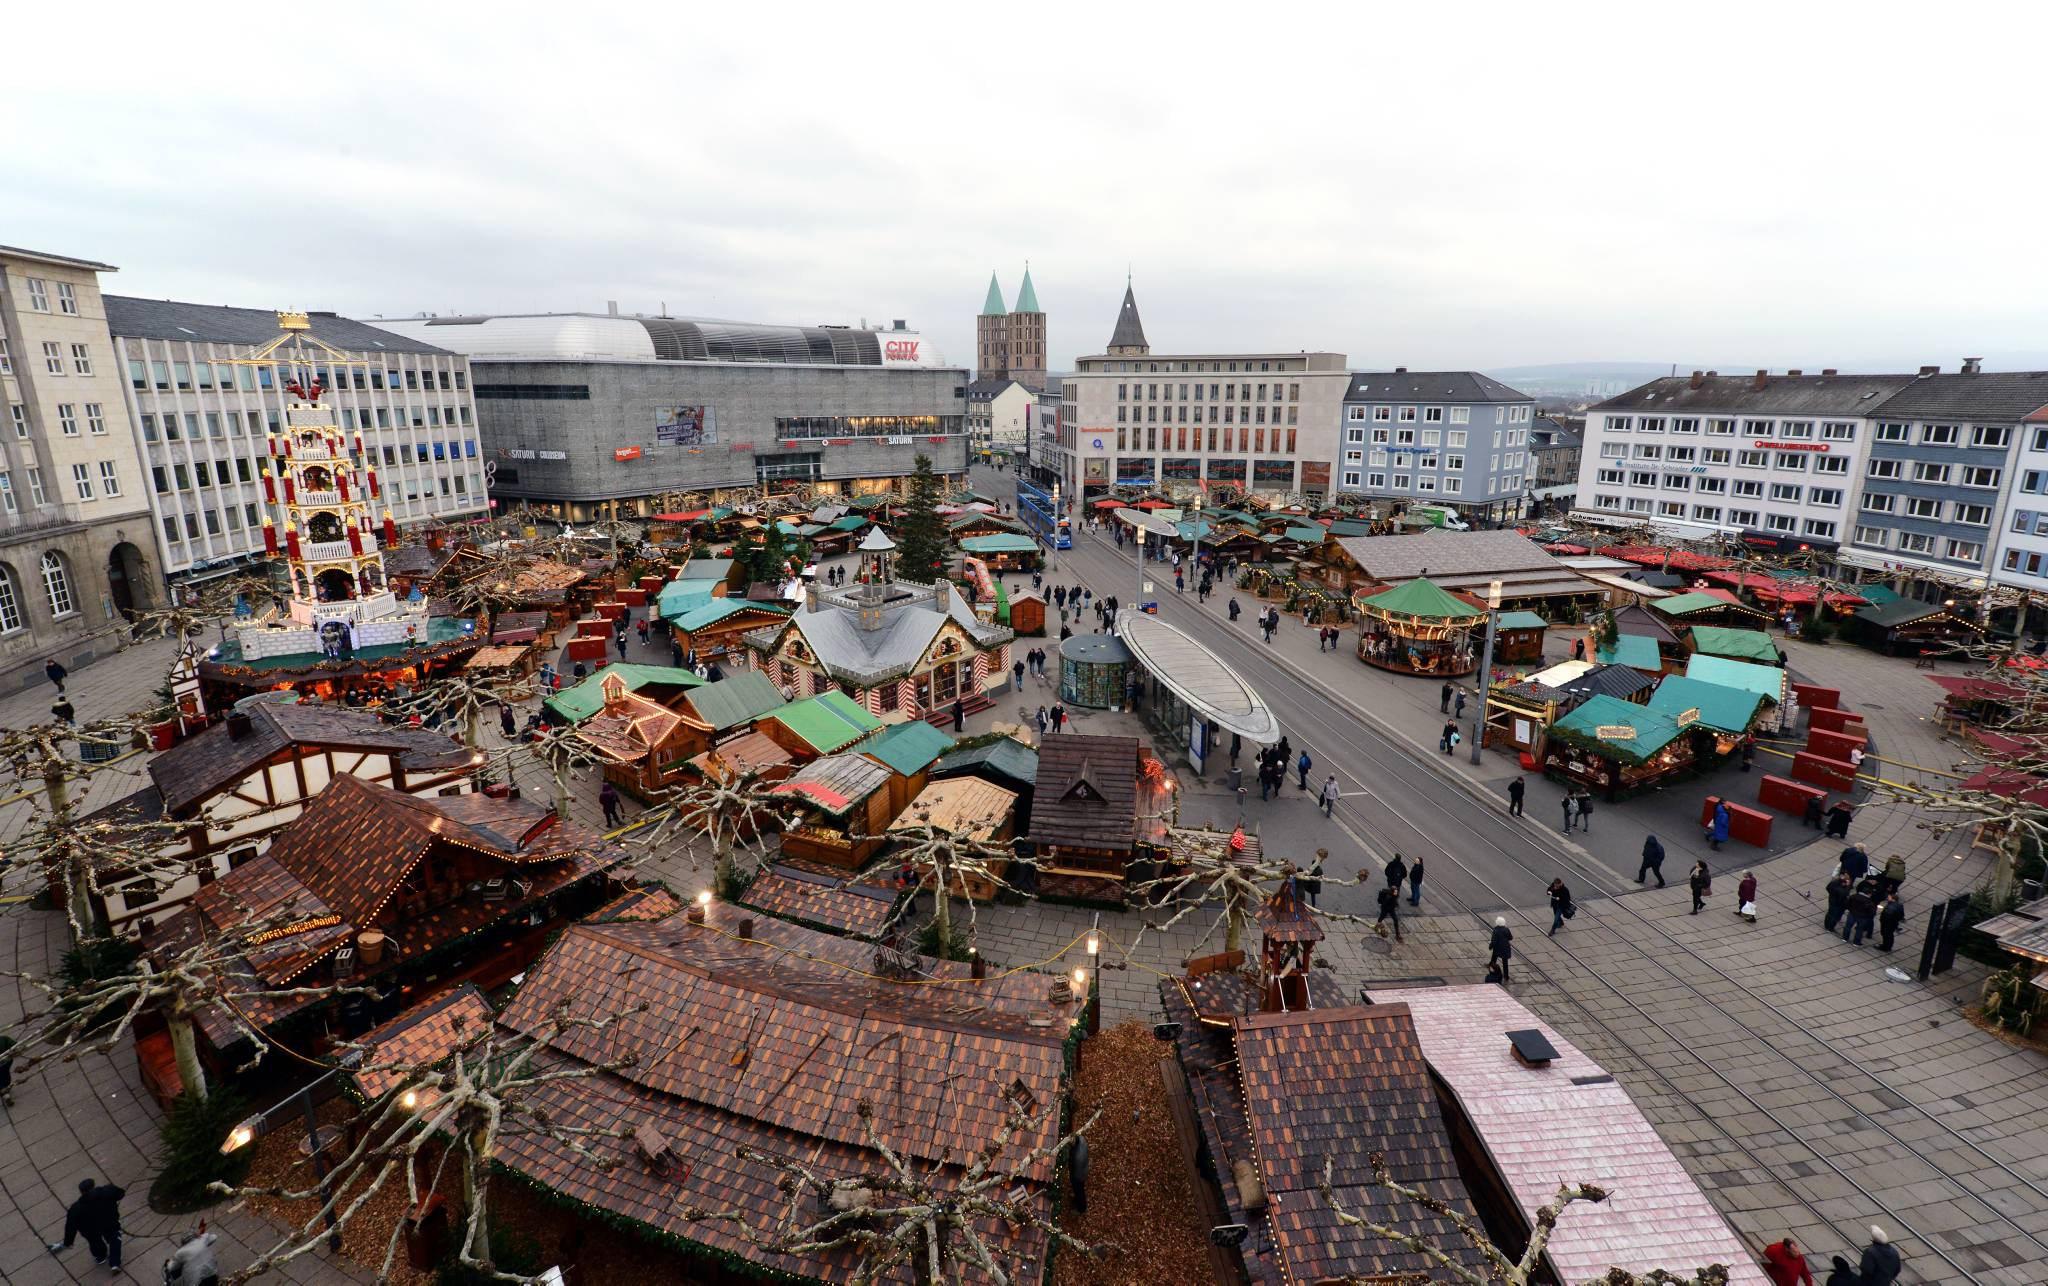 Naumburger Weihnachtsmarkt.Weihnachtsmarkt Kassel Göttingen Und Umgebung Alle Infos In